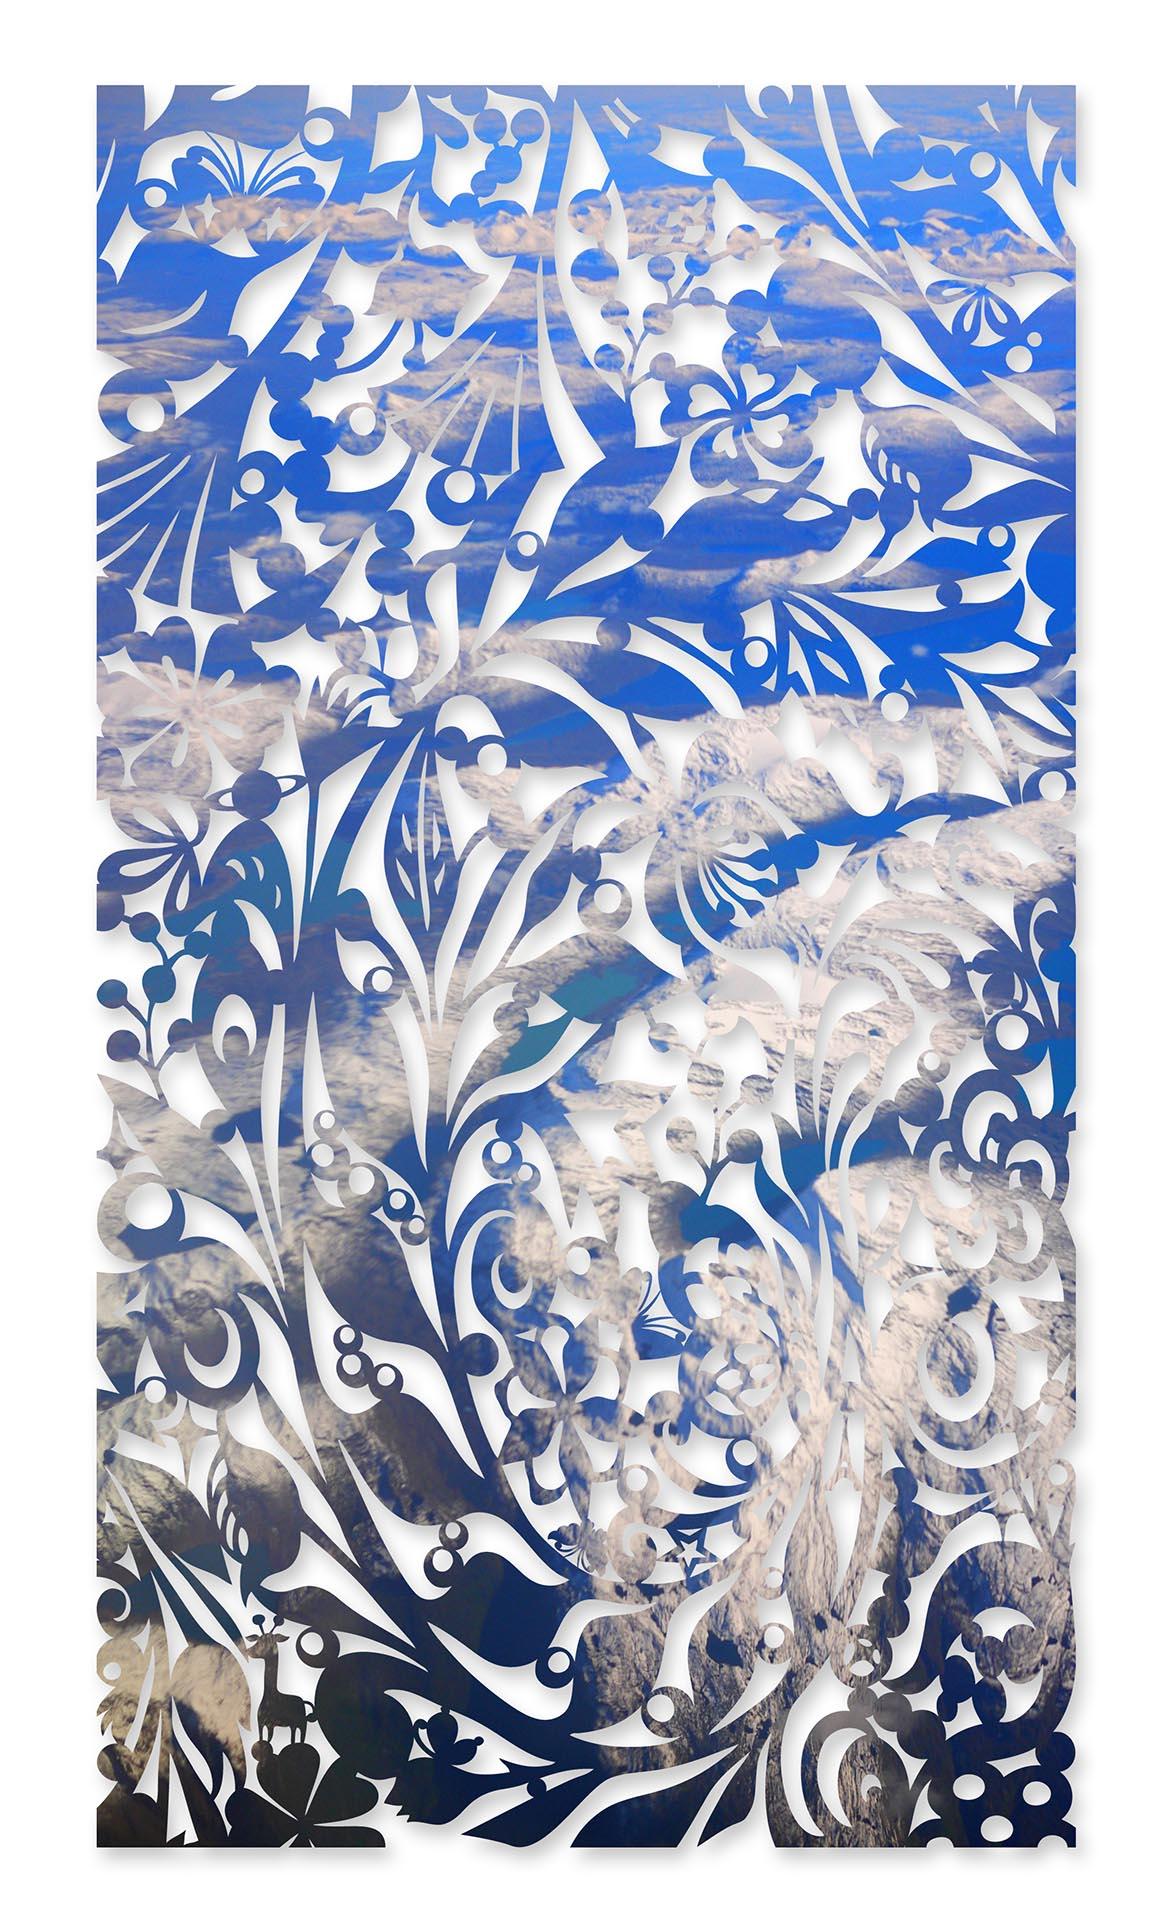 影像剪纸系列 - 极地碎拾 100x180cm 宣影布输出